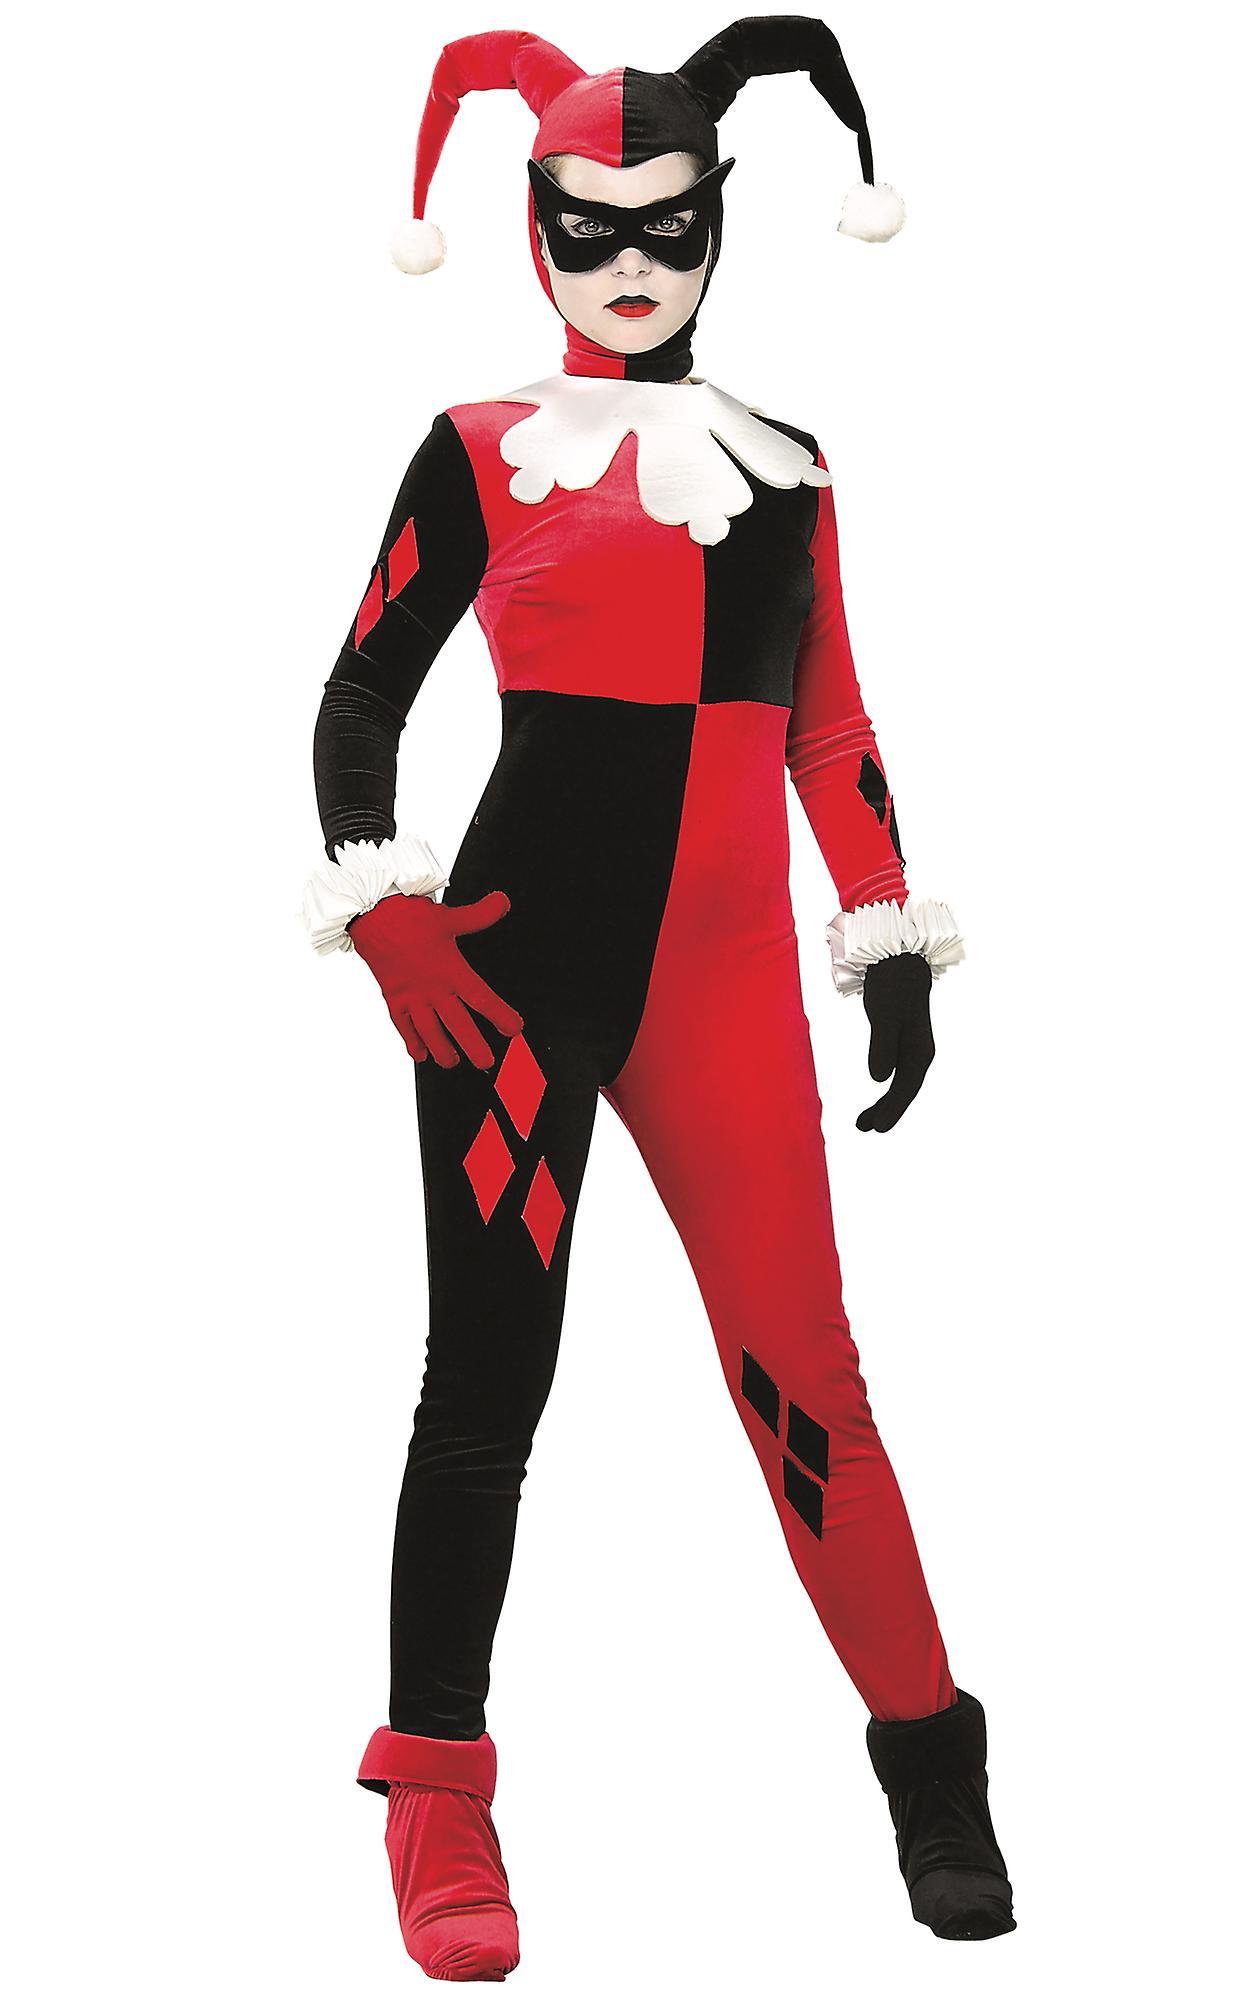 Harley Quinn Gotham Girls Supervillain Batman lisensiert kvinner drakt